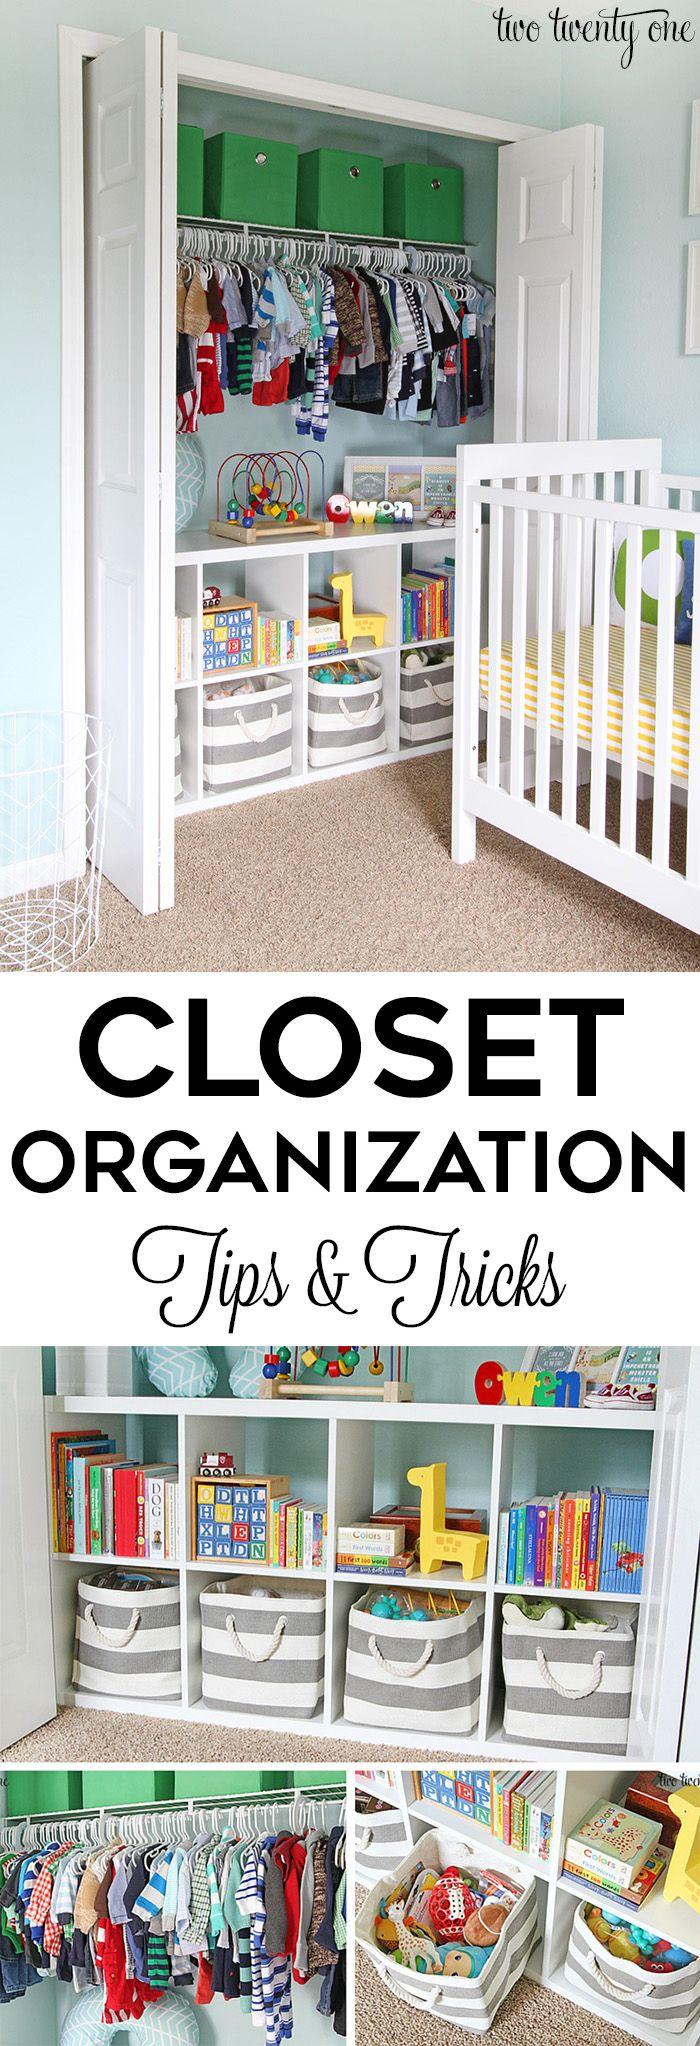 best ideas to suspend items in garage - Nursery Closet